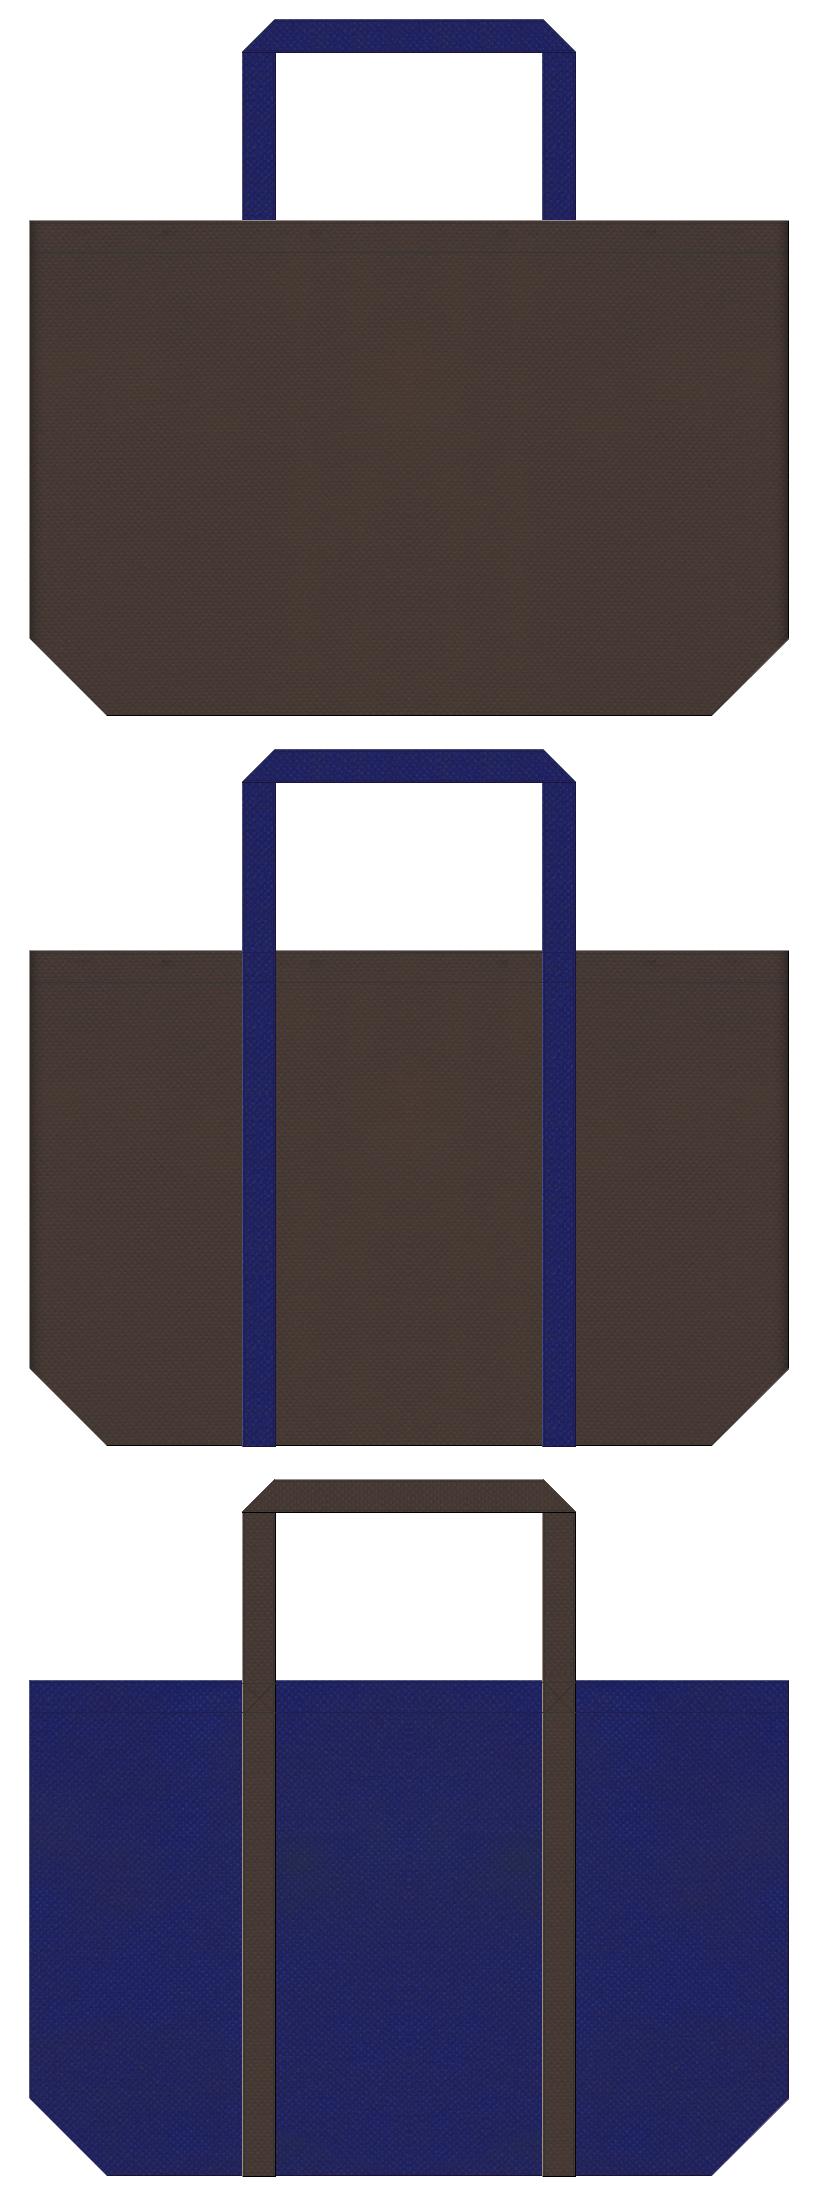 廃屋・地下牢・迷路・ホラー・ミステリー・アクションゲーム・シューティングゲーム・対戦型格闘ゲーム・ゲームの展示会用バッグにお奨めの不織布バッグデザイン:こげ茶色と明るい紺色のコーデ